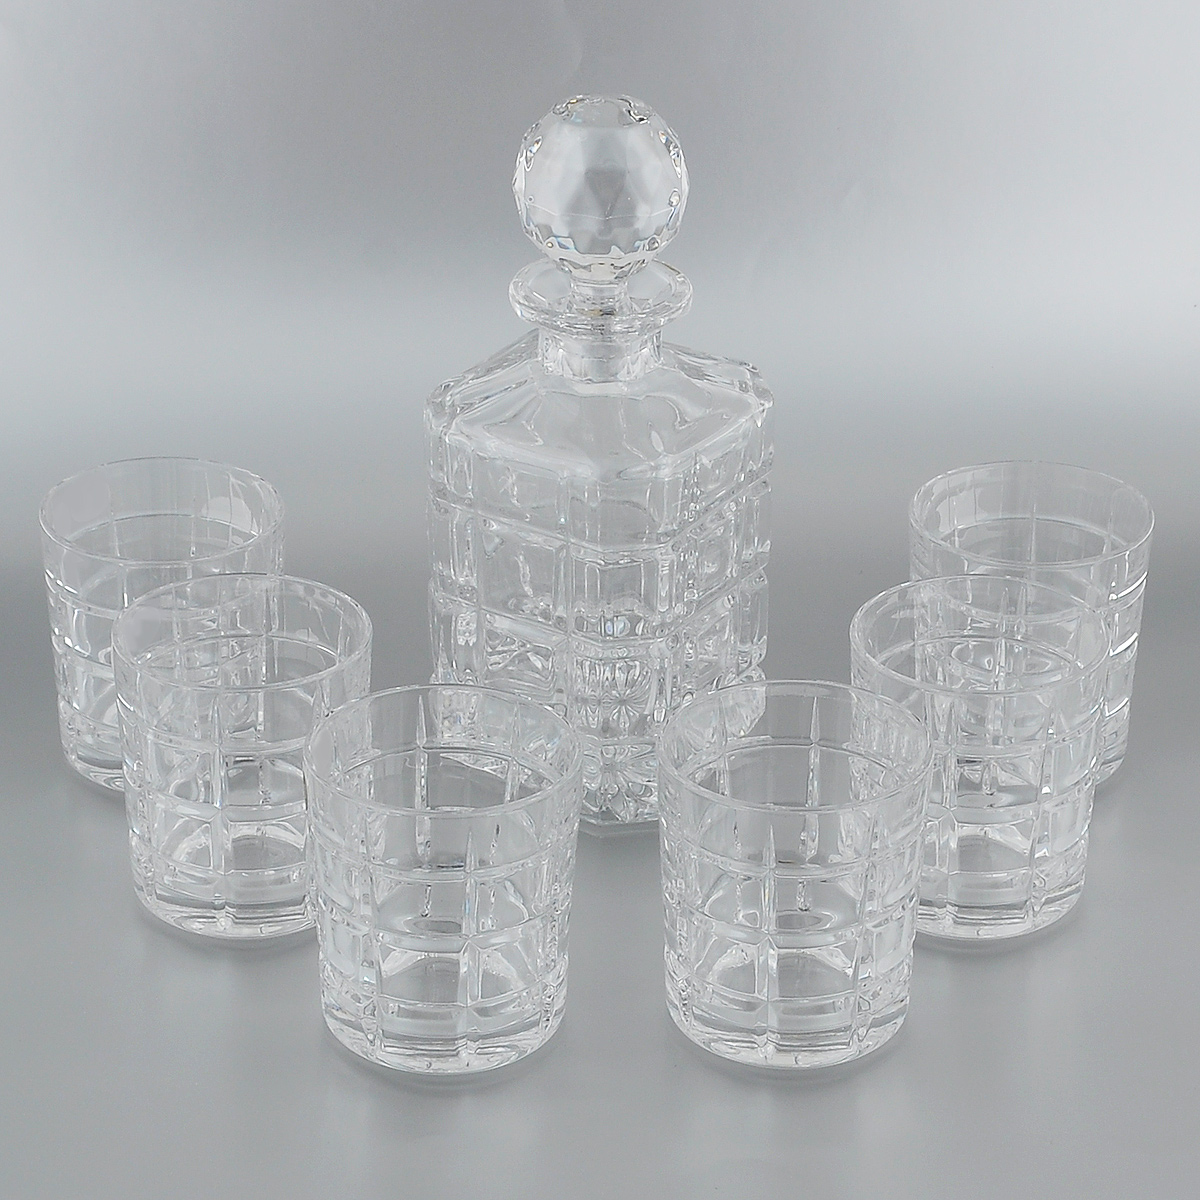 Набор для виски Crystal Bohemia, 7 предметов. 990/99999/9/11182/649-7092936555-зеленыйНабор для виски Crystal Bohemia состоит из штофа и шести граненых стаканов. Изделия выполнены из прочного высококачественного хрусталя. Они излучают приятный блеск и издают мелодичный звон. Набор предназначен для виски.Набор для виски Crystal Bohemia прекрасно оформит интерьер кабинета или гостиной и станет отличным дополнением бара. Такой набор также станет хорошим подарком к любому случаю. Объем штофа: 800 мл. Высота штофа (без крышки): 18 см. Объем стакана: 320 мл. Диаметр дна стакана: 7,5 см. Высота стенок стакана: 9,5 см.